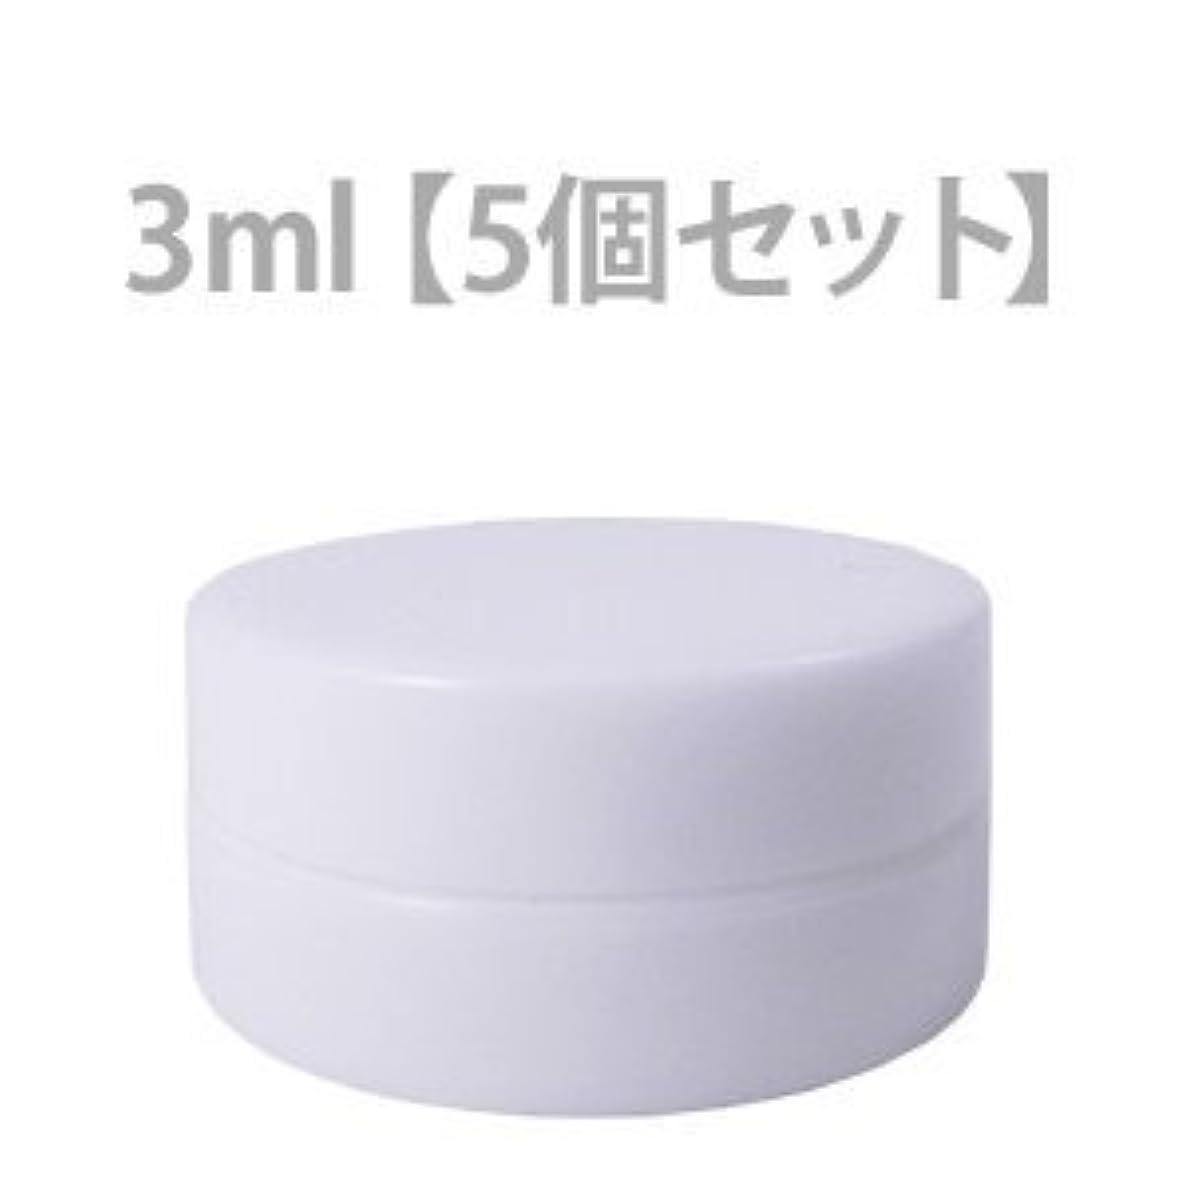 トレイドラッグ警官クリーム用容器 3ml (5個セット) 【化粧品容器】